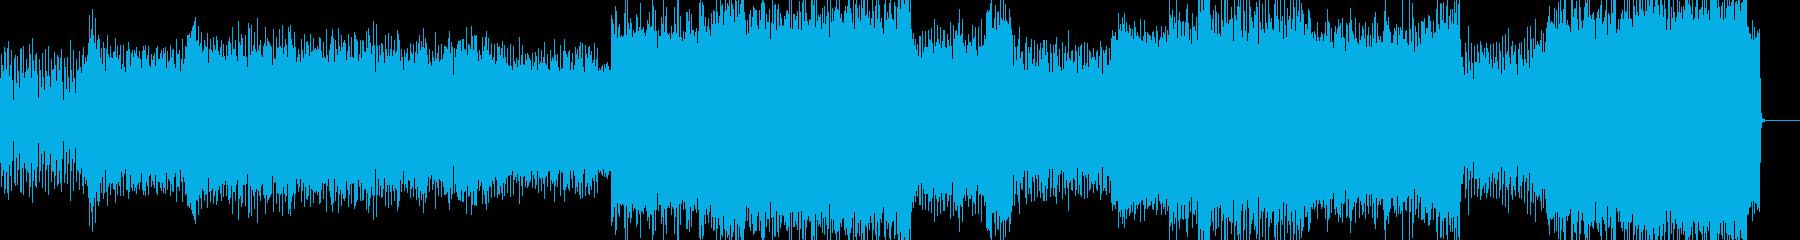 幻想的で激しい疾走感のある過激なテクノの再生済みの波形